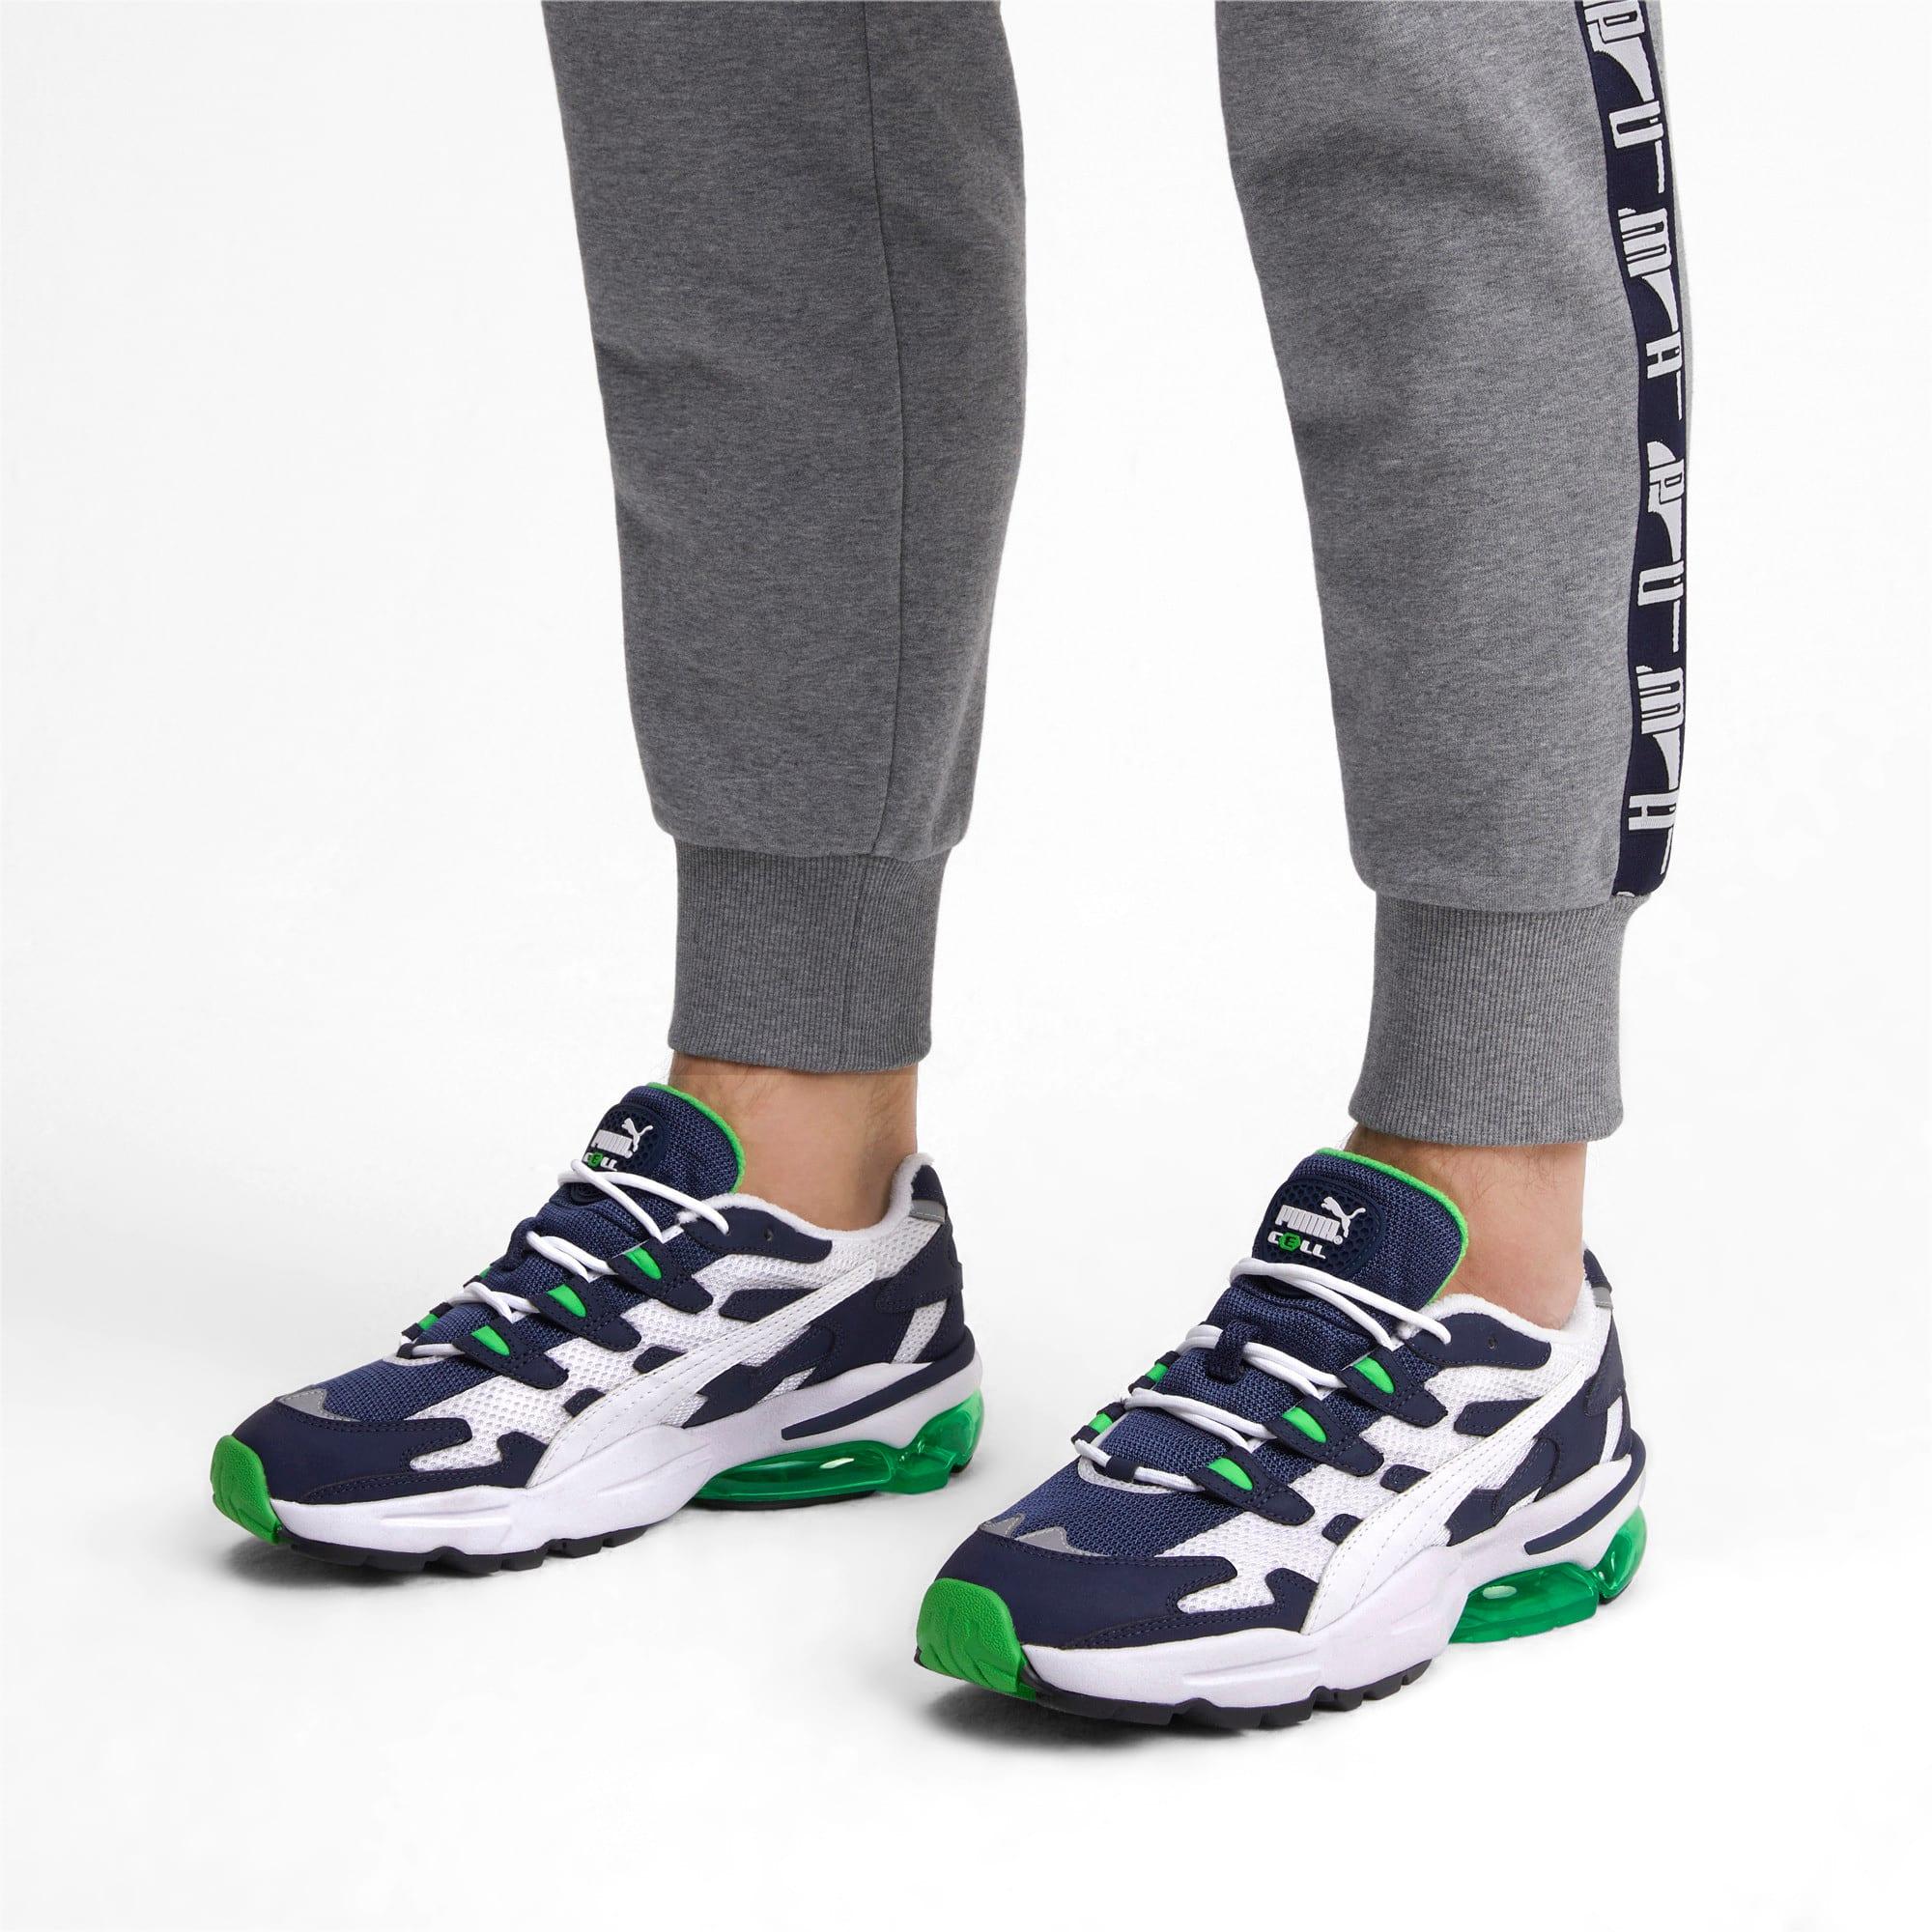 Thumbnail 2 of CELL Alien OG Sneakers, Peacoat-Classic Green, medium